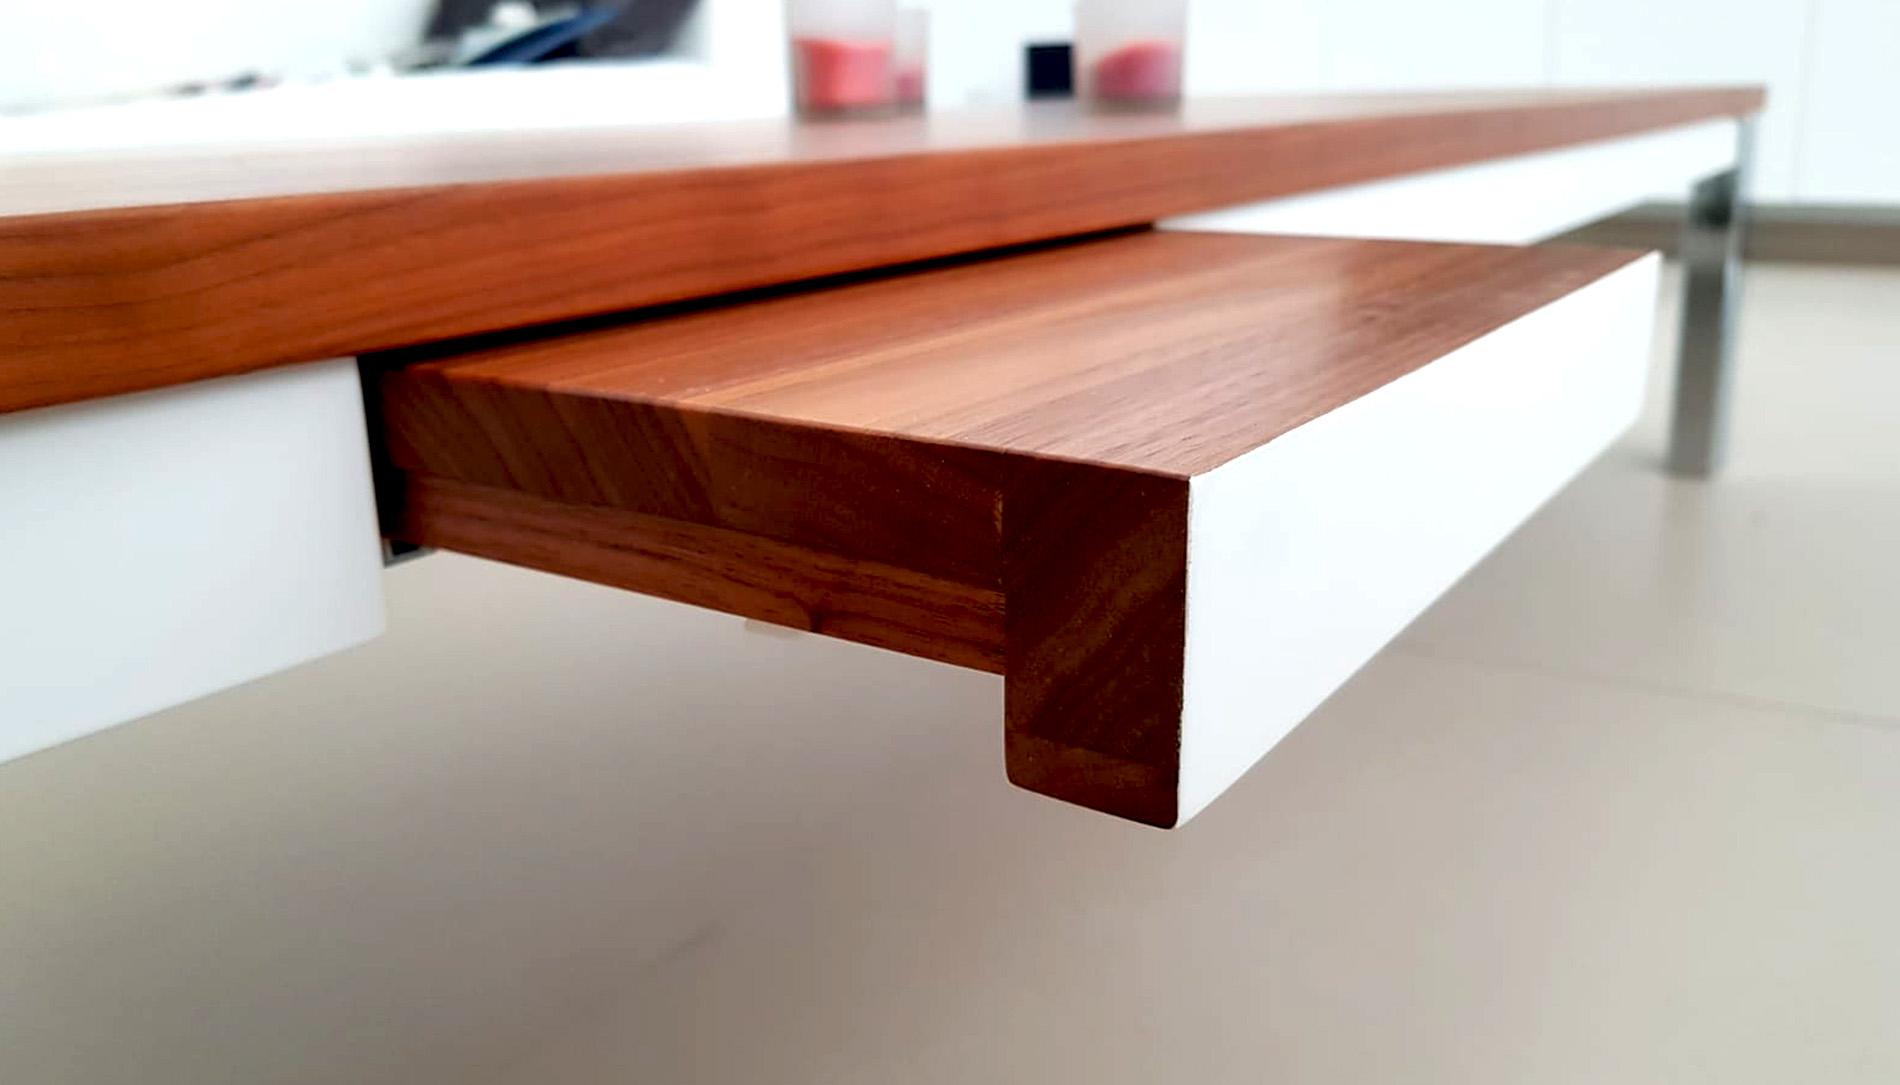 eigen-angefertigter-tisch